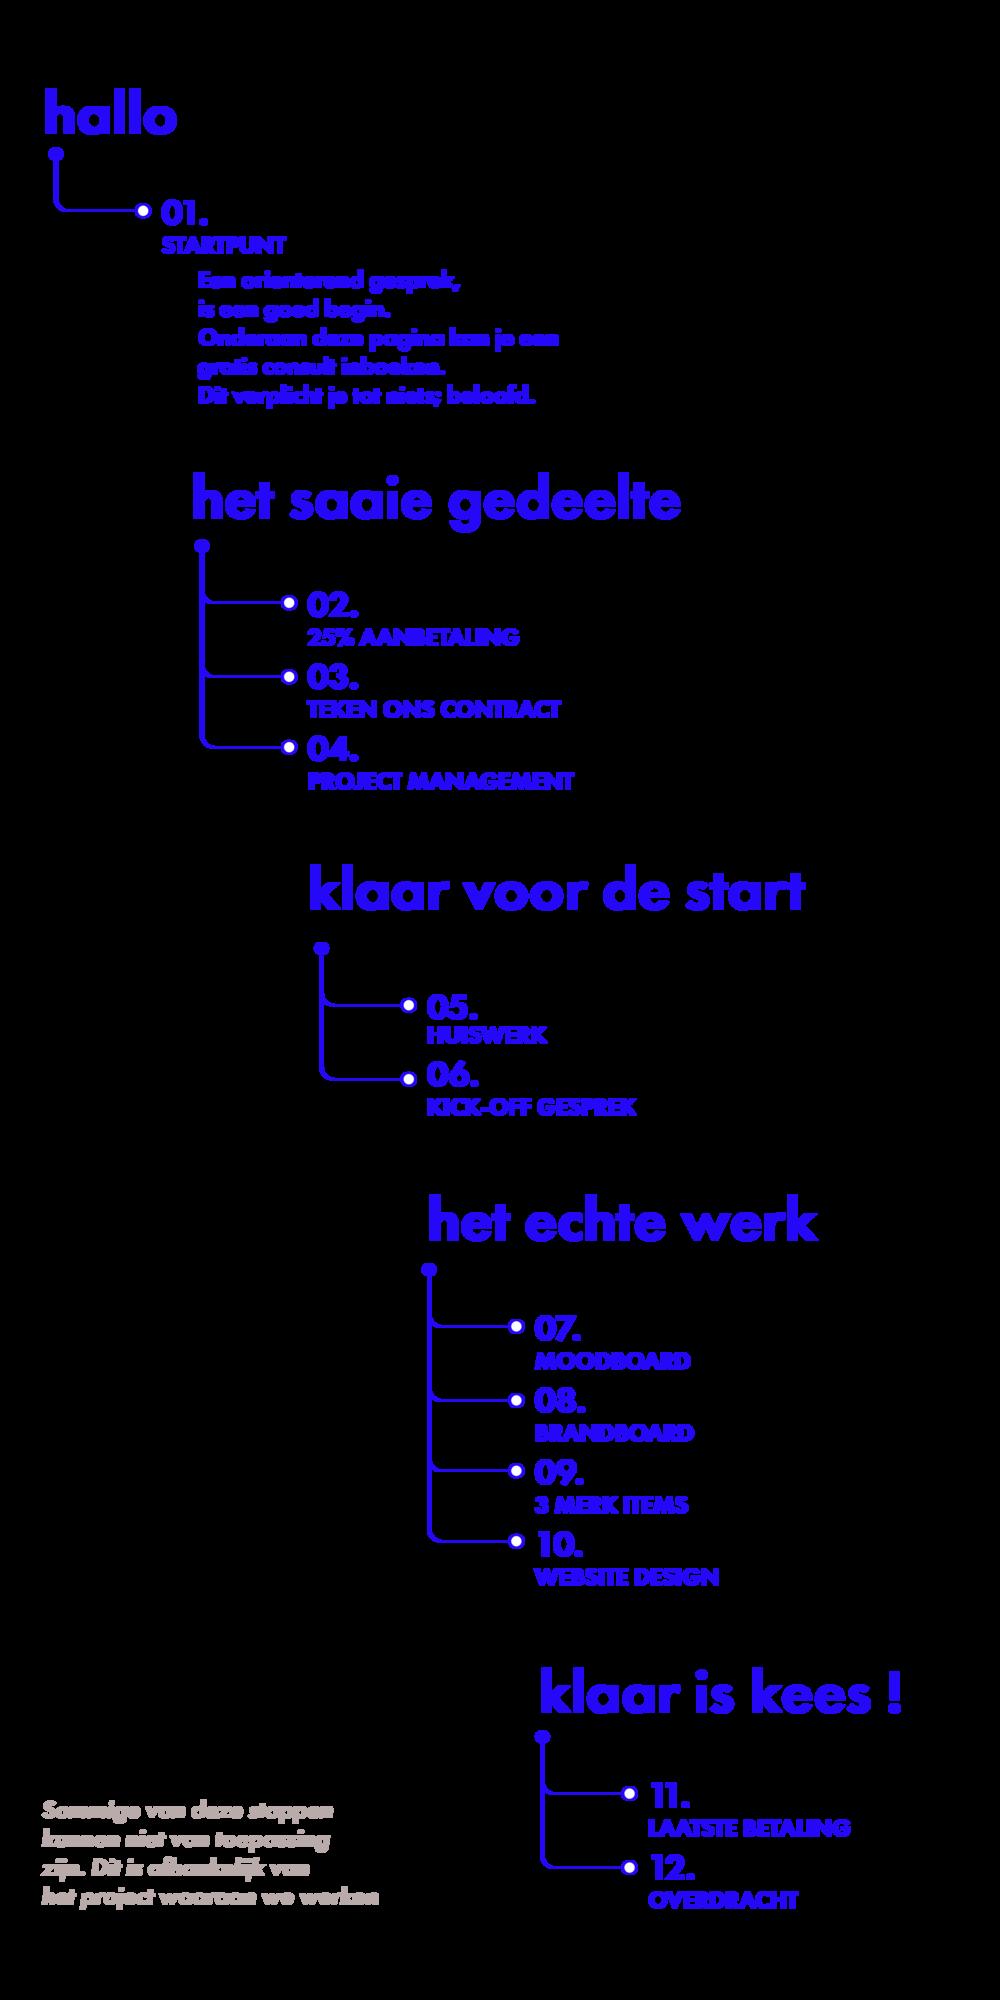 NL design process.png